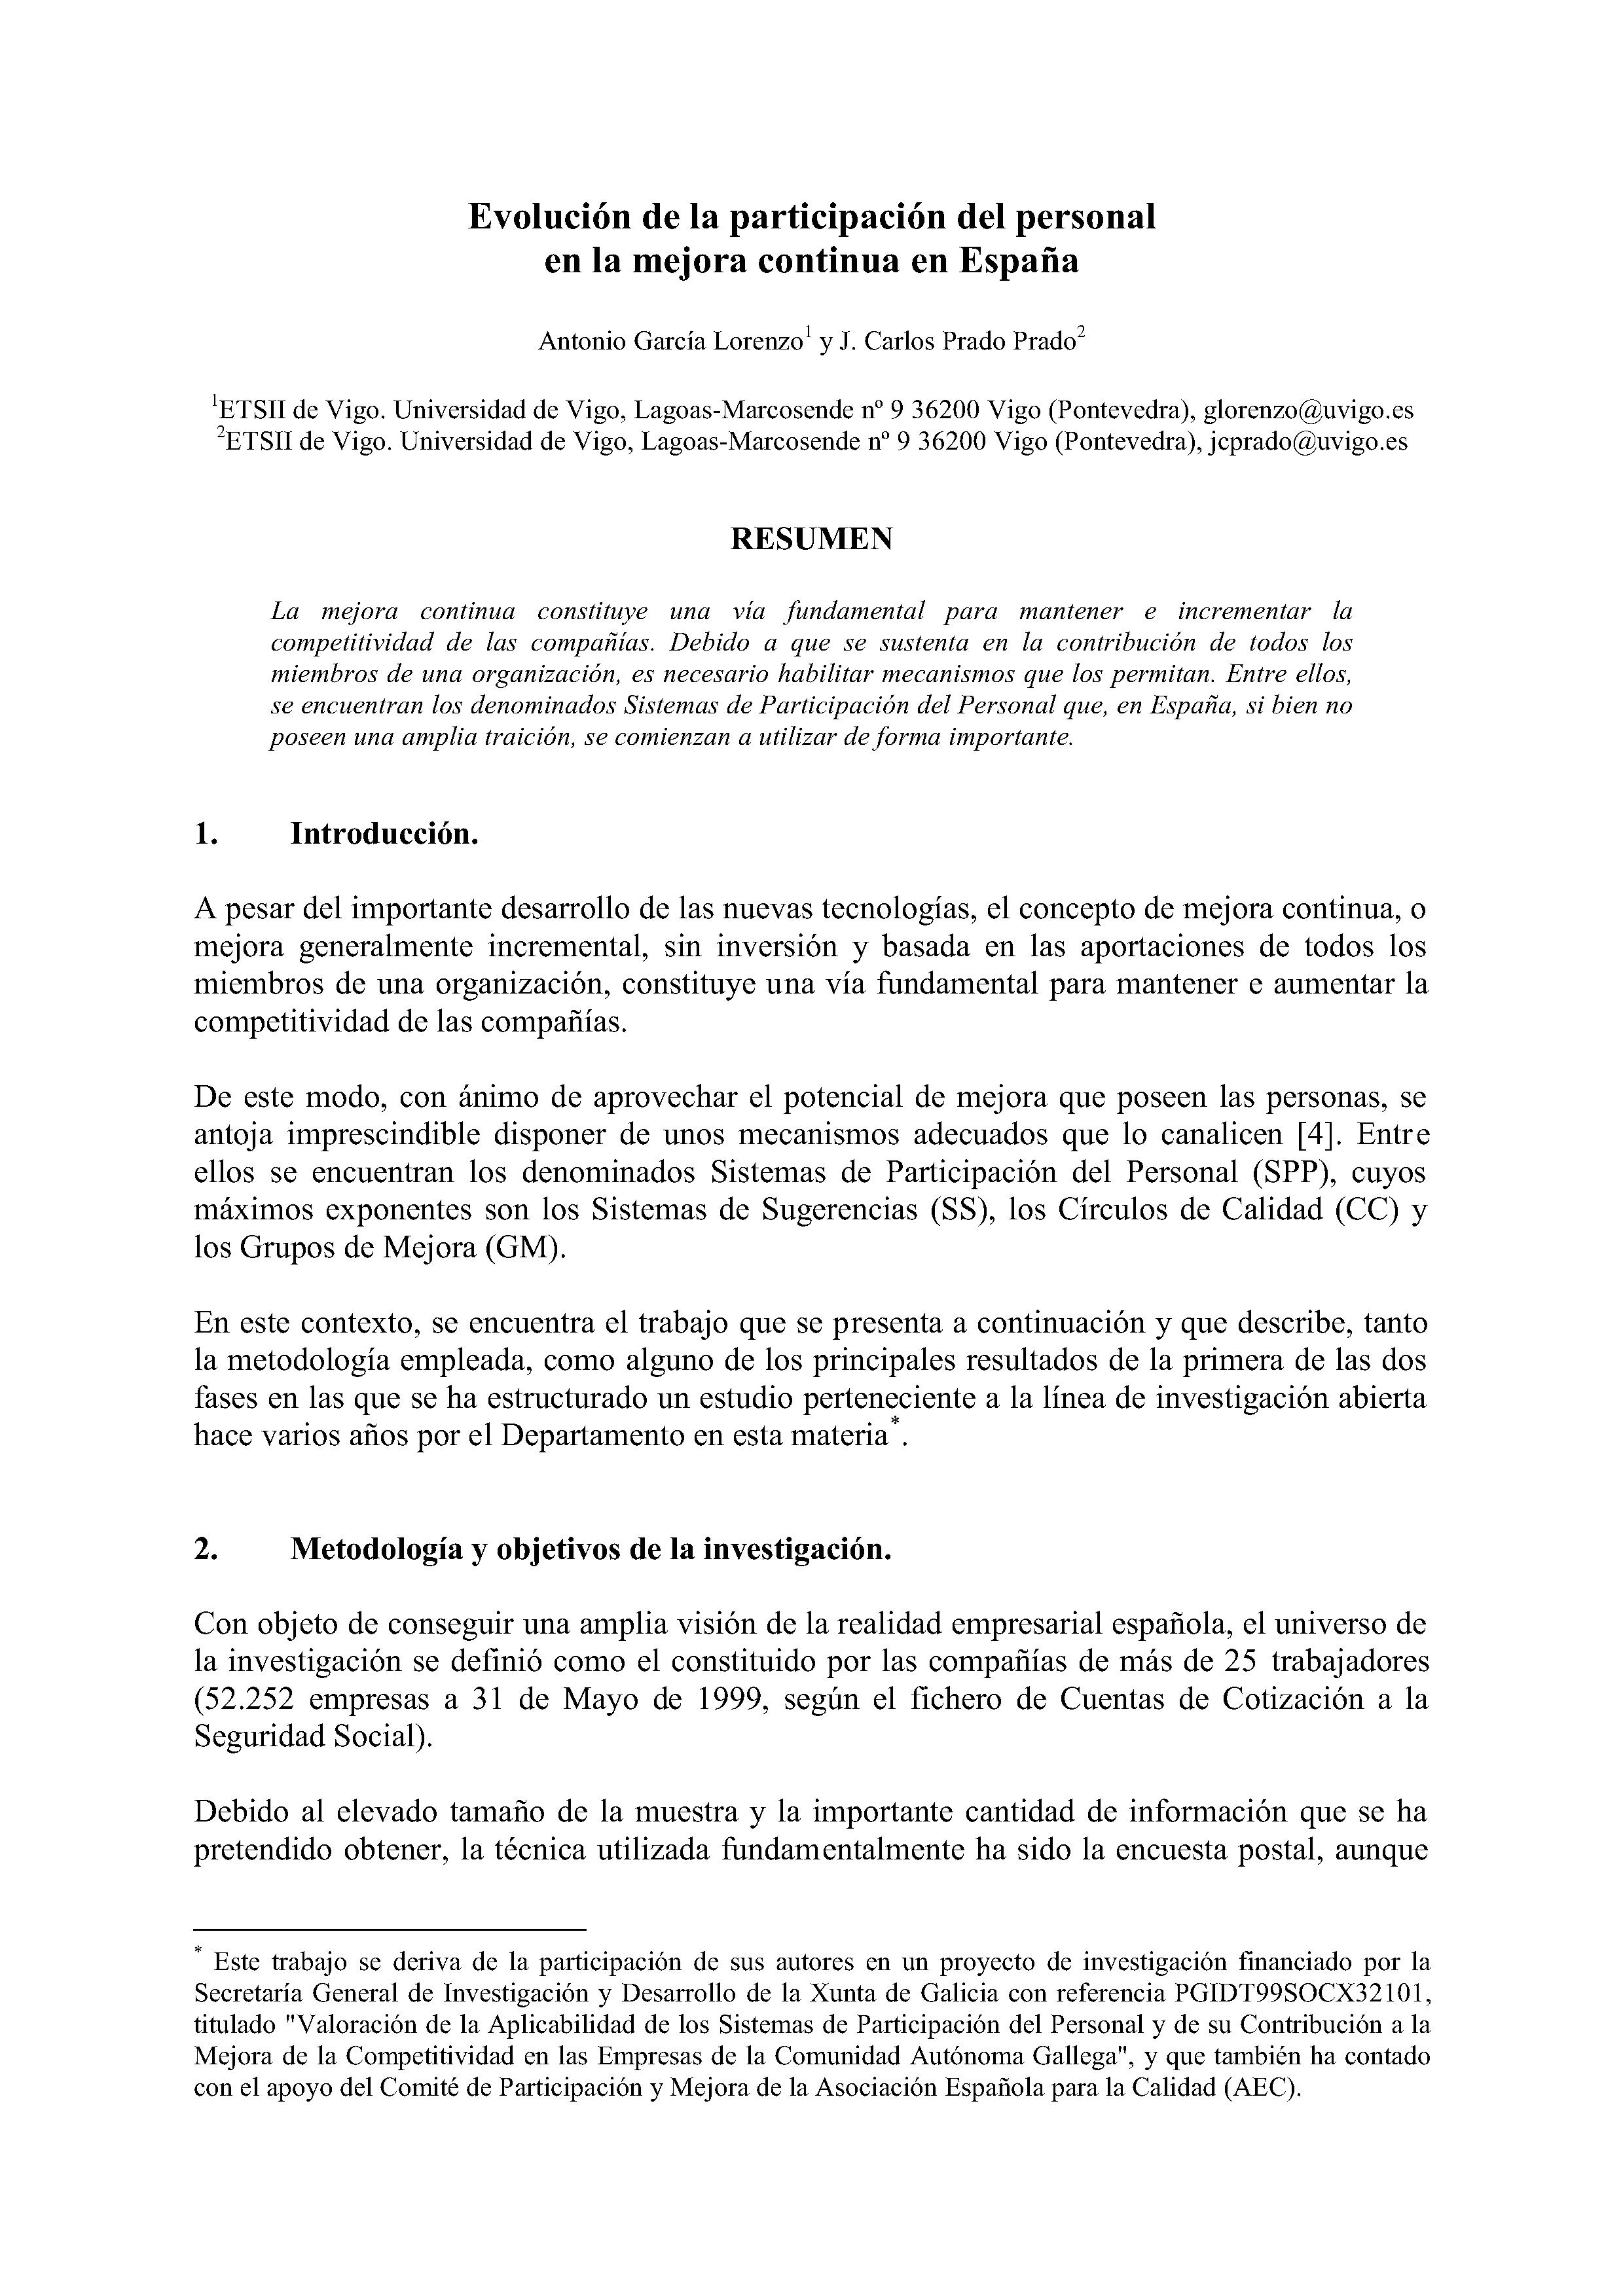 Evolución de la participación del personal en la mejora continua en España